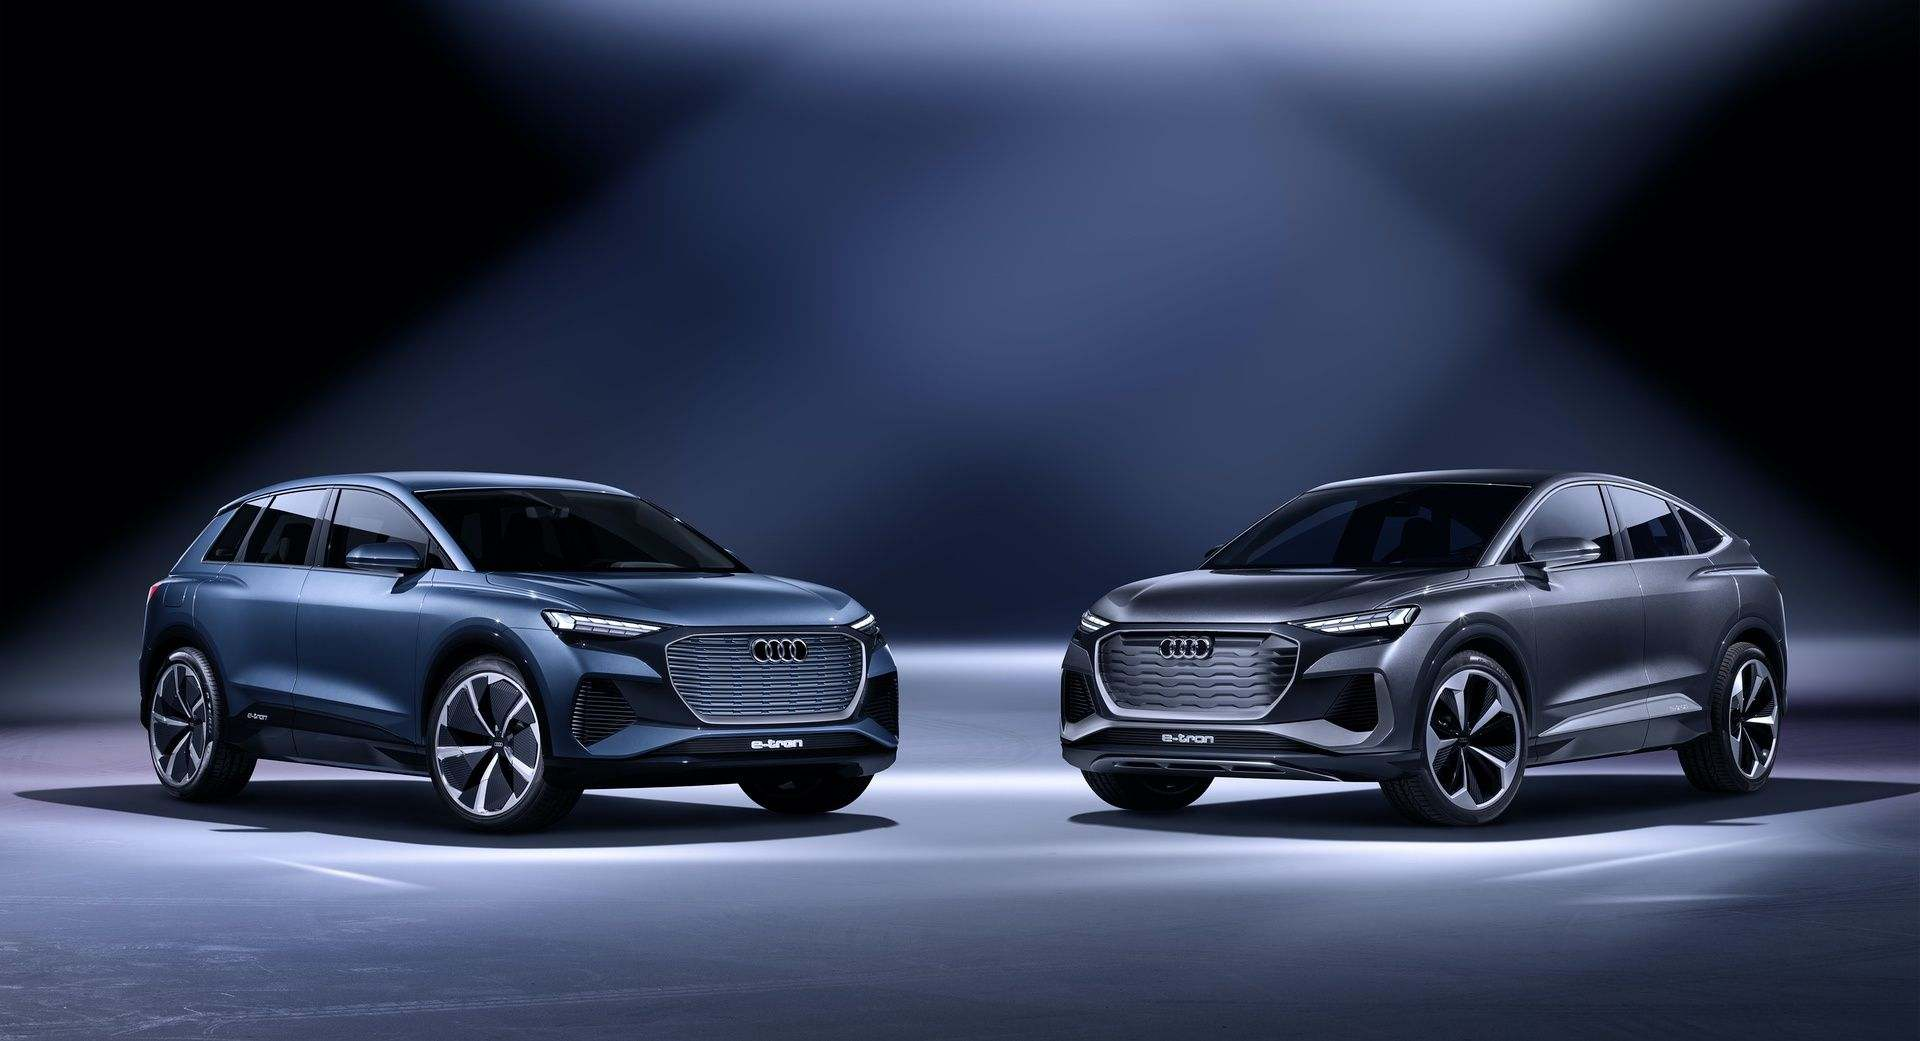 Audi Q4 e-tron concept / Audi Q4 Sportback e-tron concept